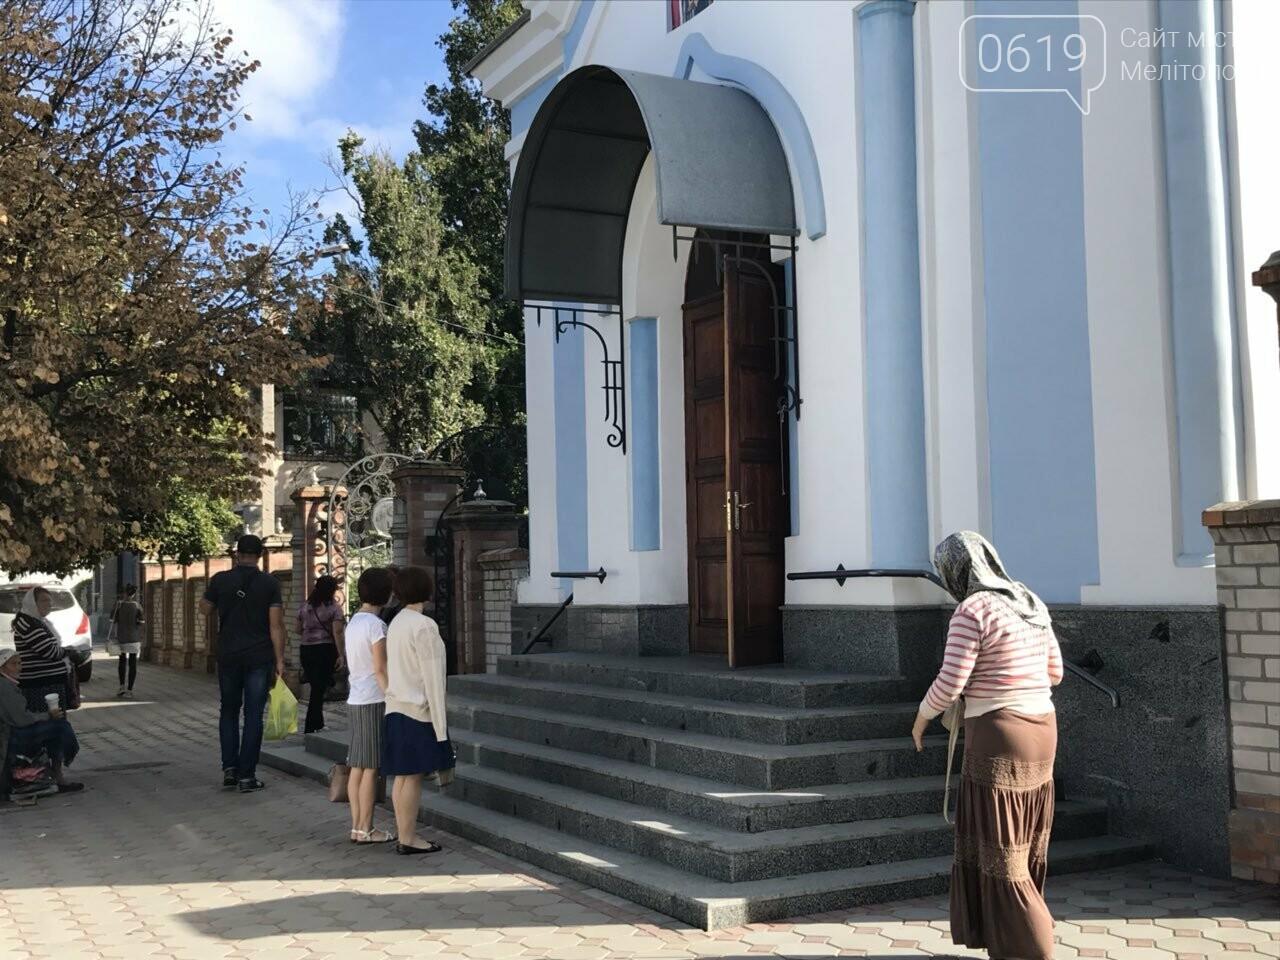 В Мелитополе отметили храмовый праздник в соборе Александра Невского, фото-1